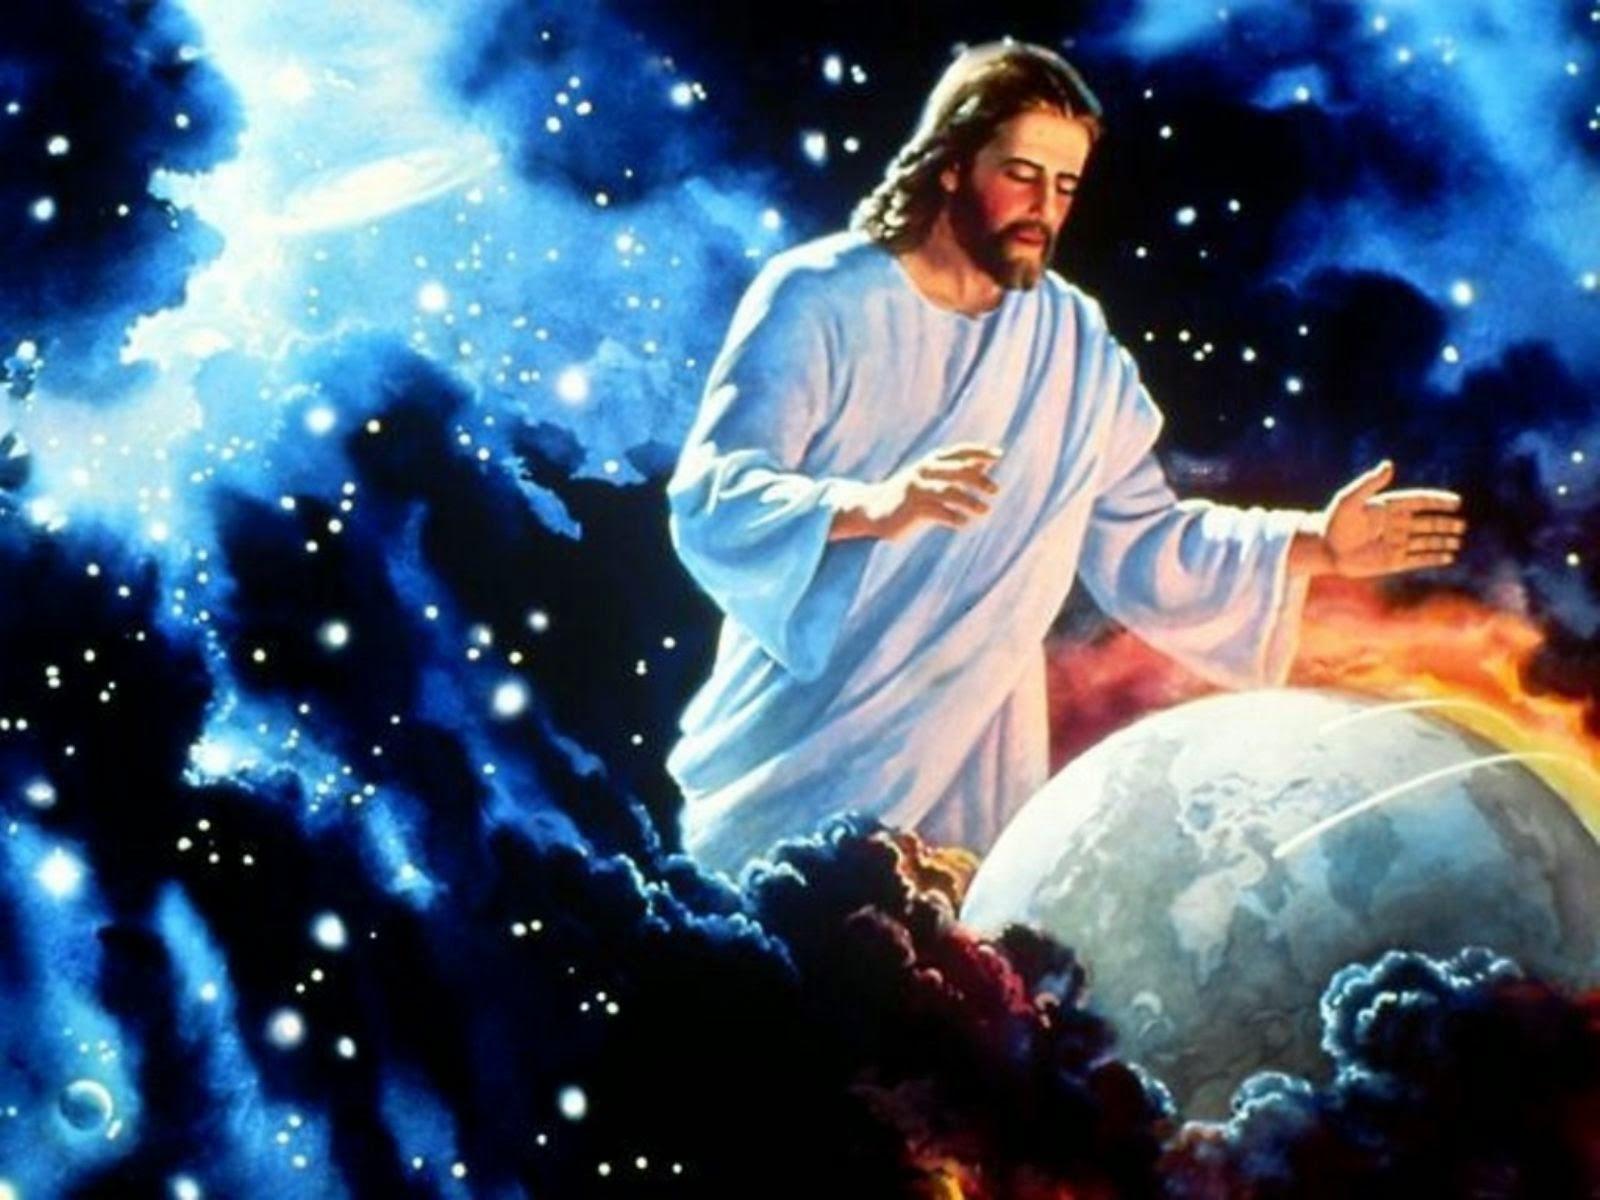 Jézus tanításai: A Krisztuskép illúzió/Mentális rabszolgaság